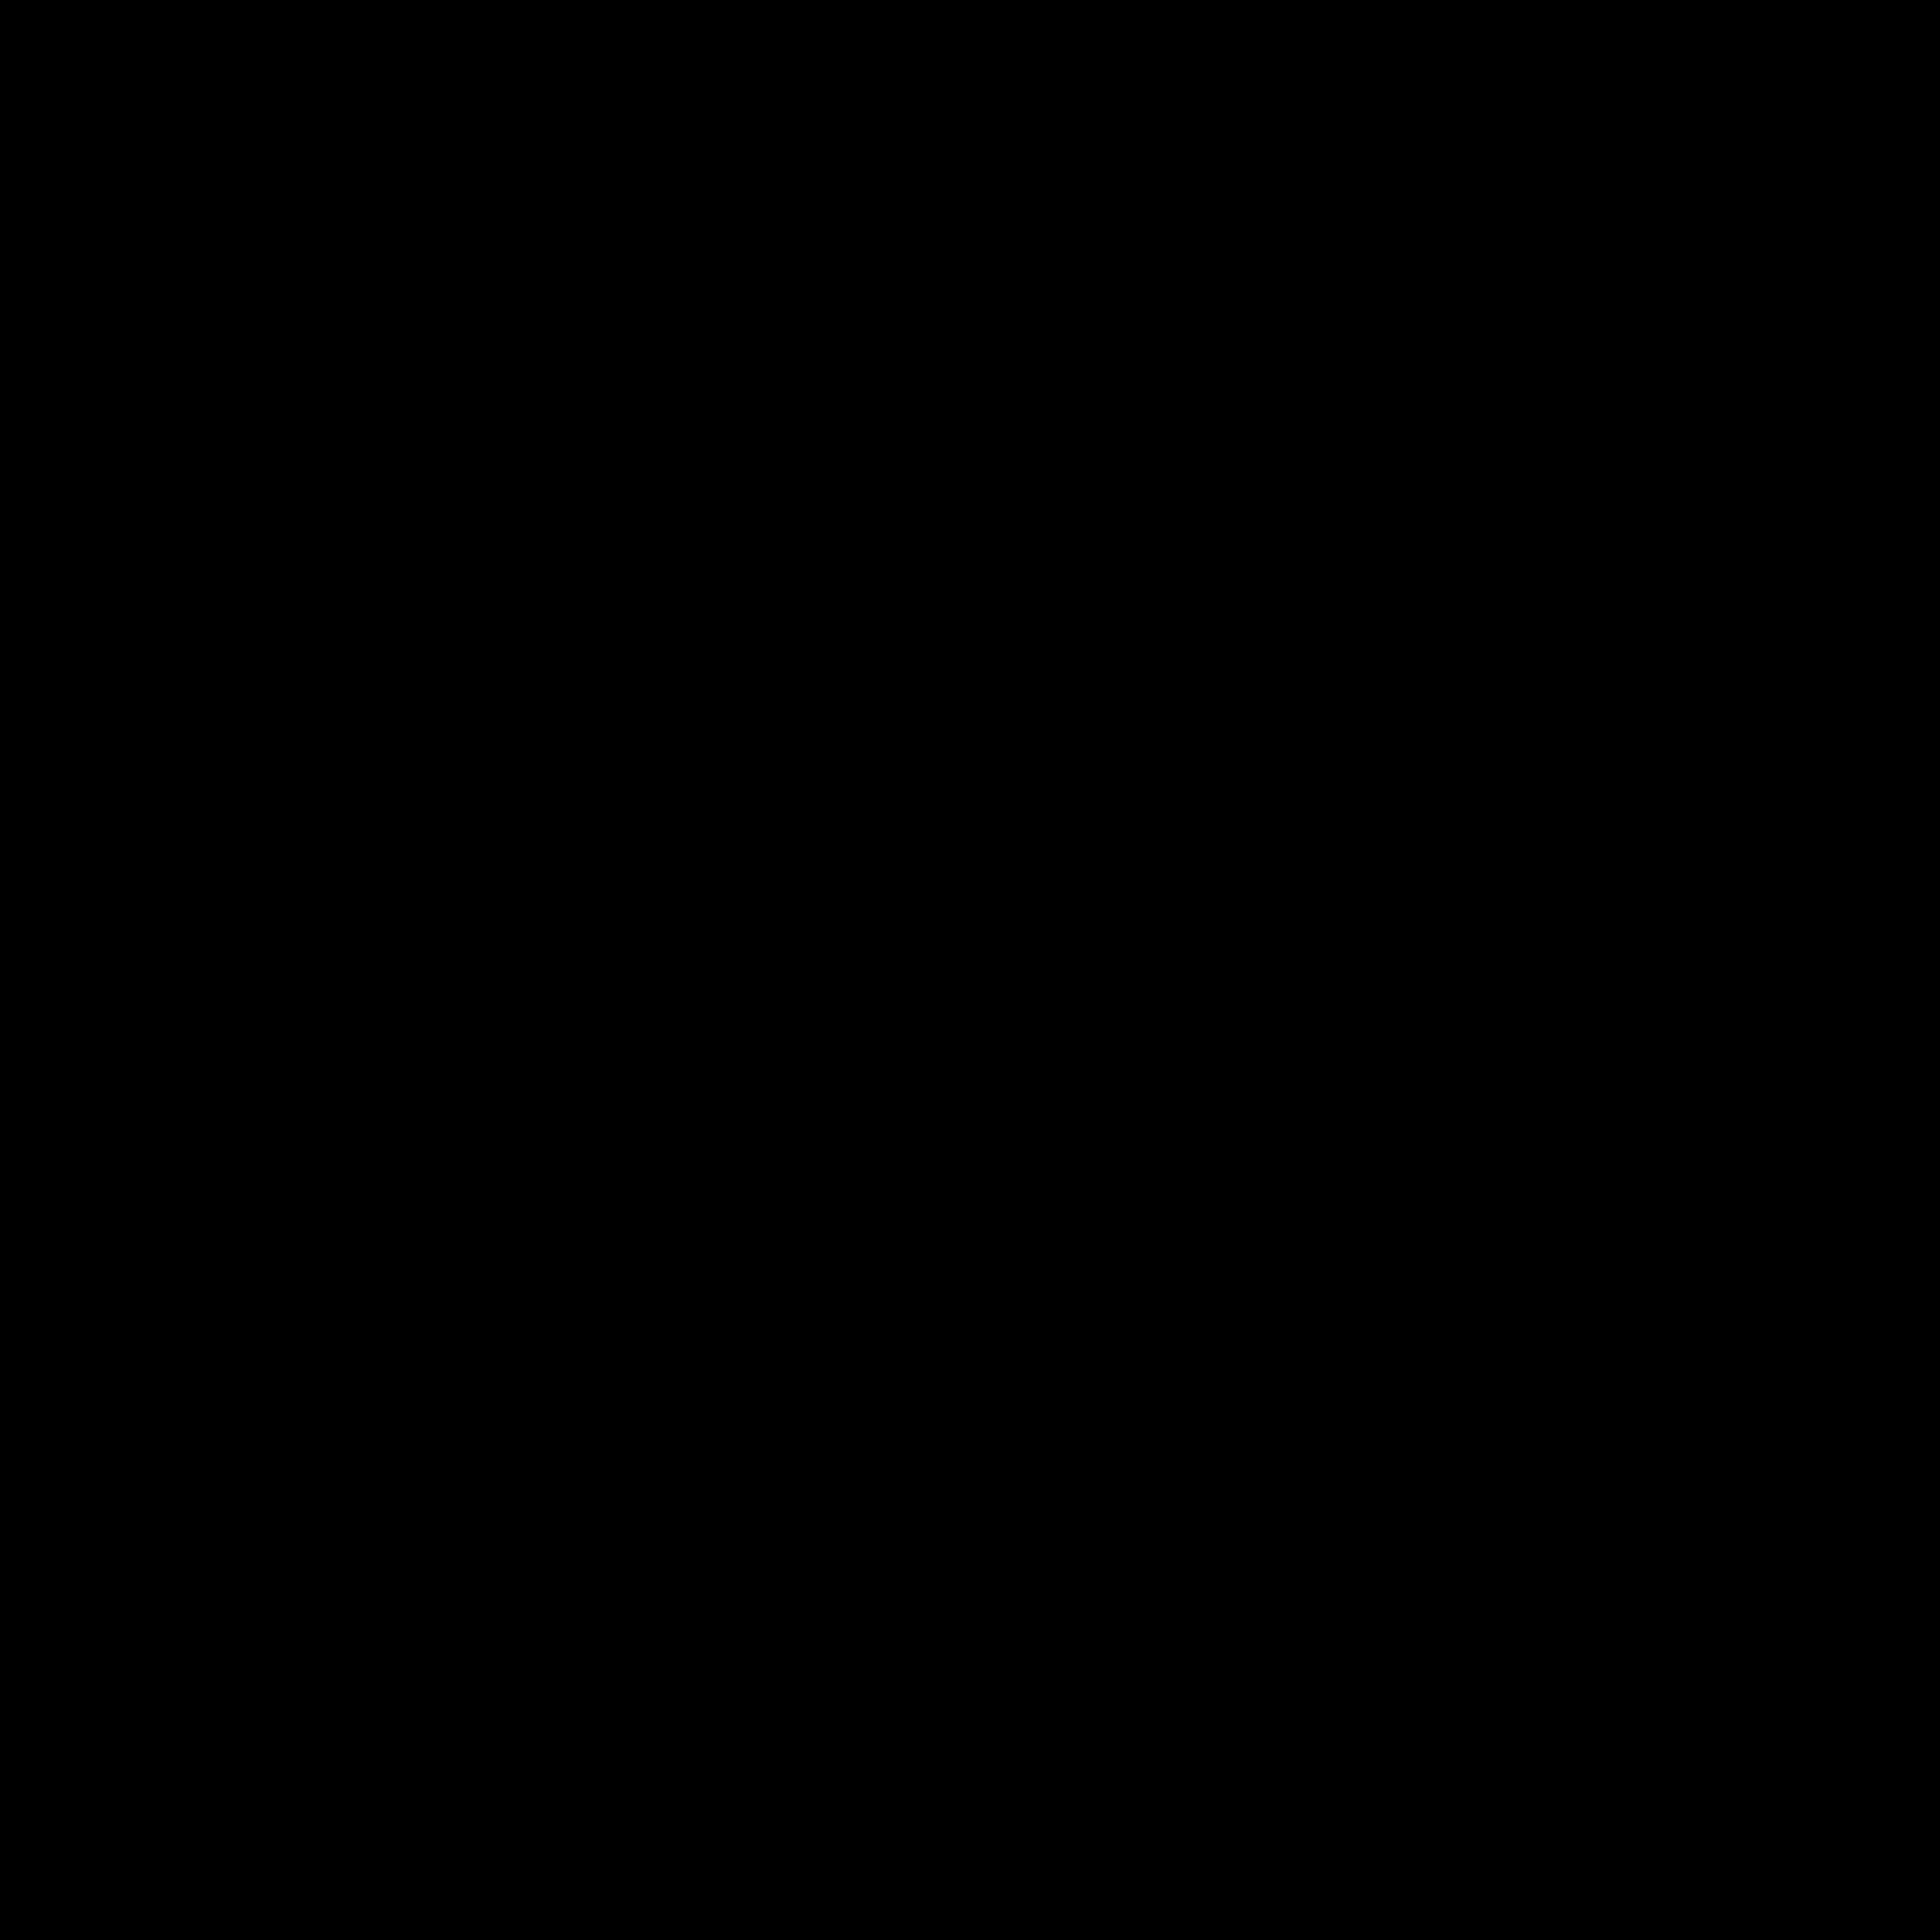 MICHELANGELO'S MEDICI MADONNA / BUSAN